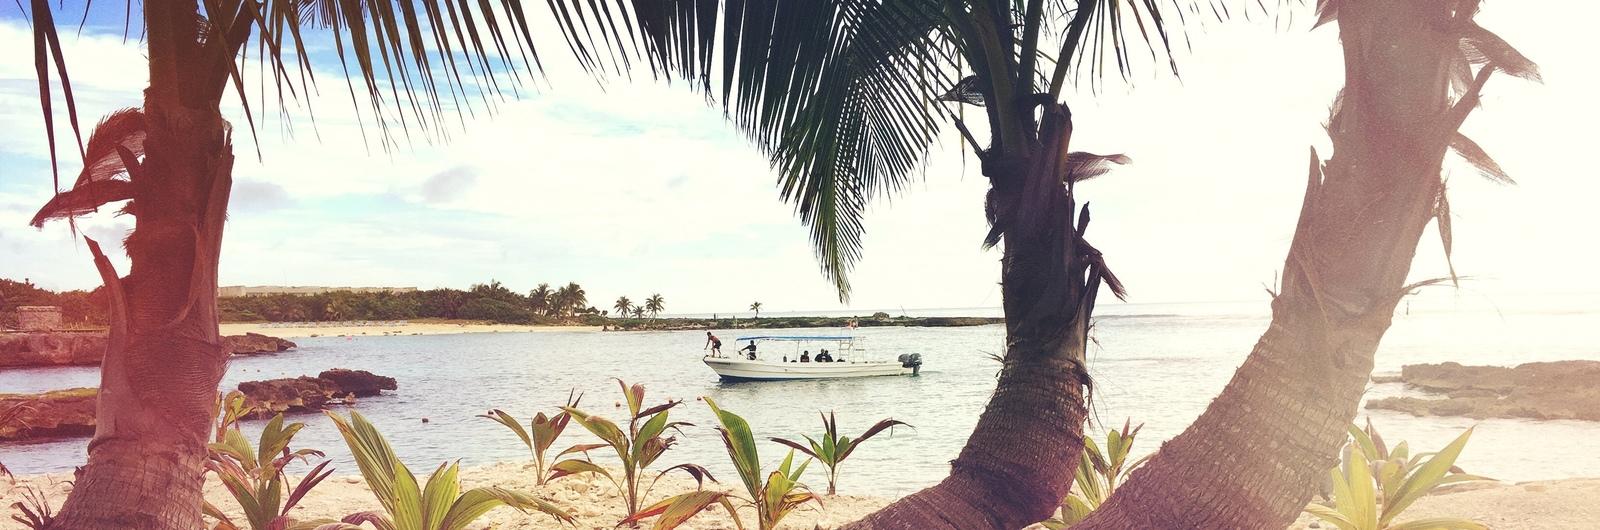 playa del carmen city header